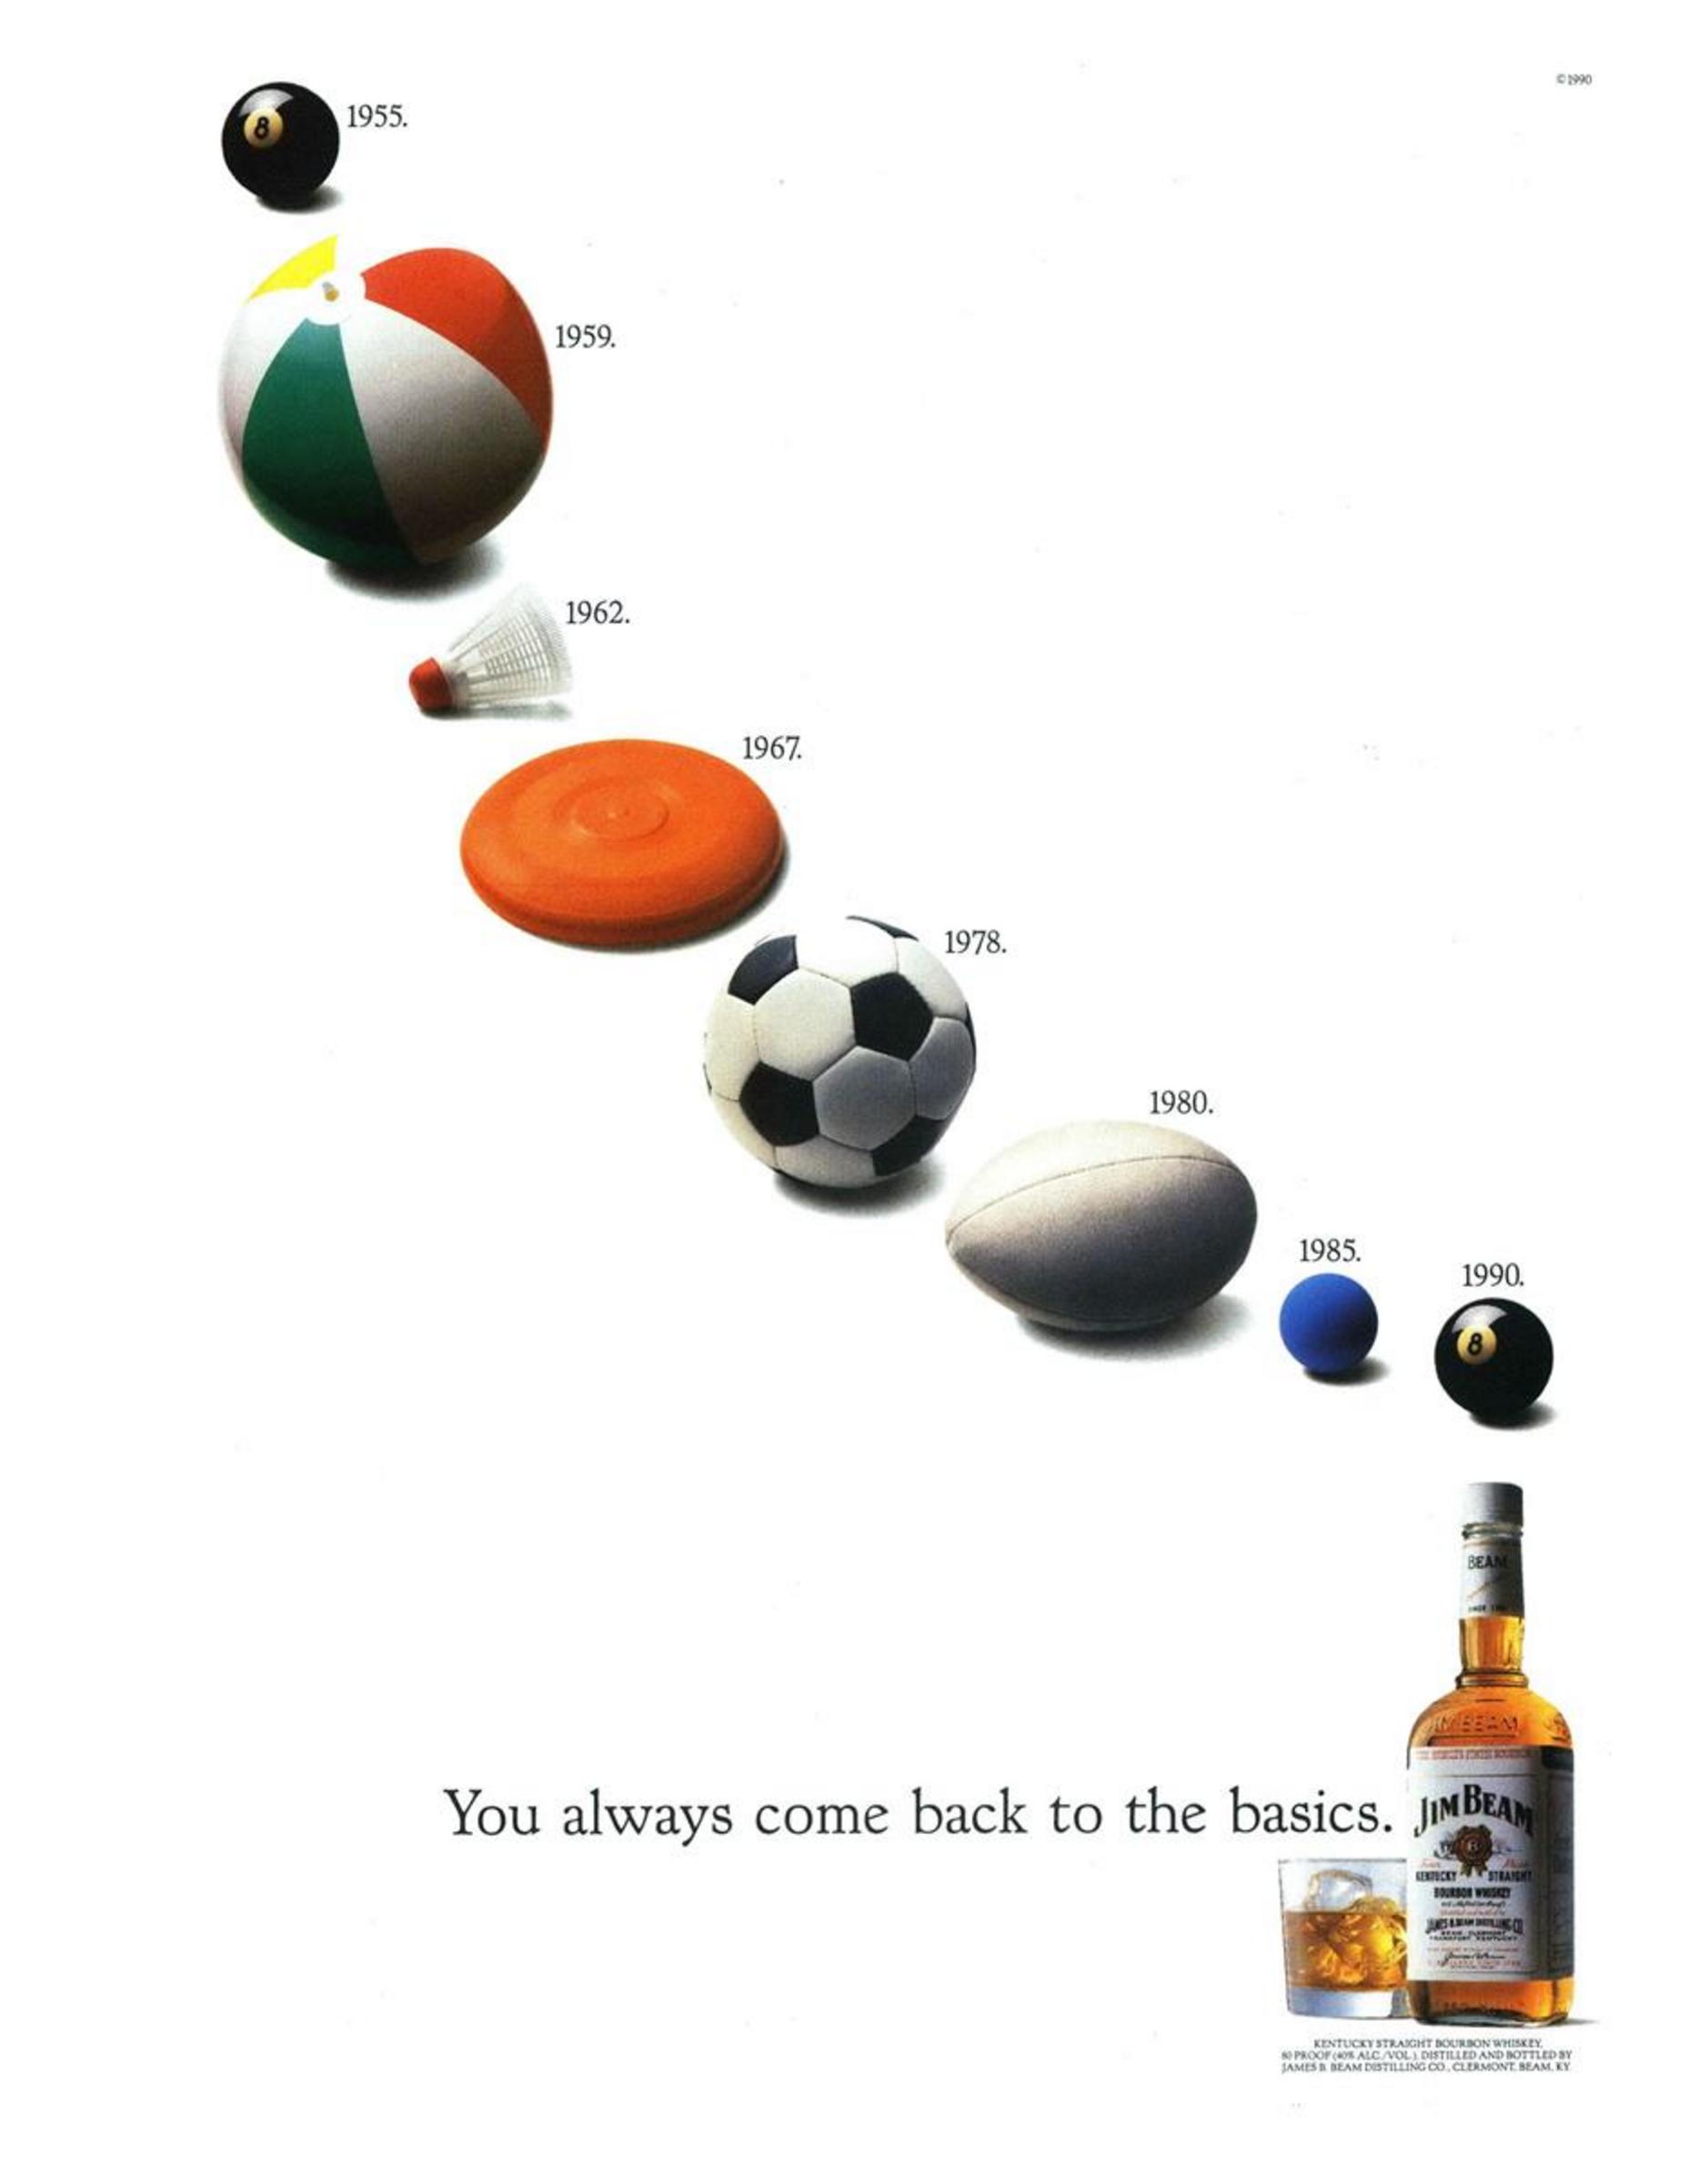 'Balls*' Jim Beam, Fallon McElligott.png